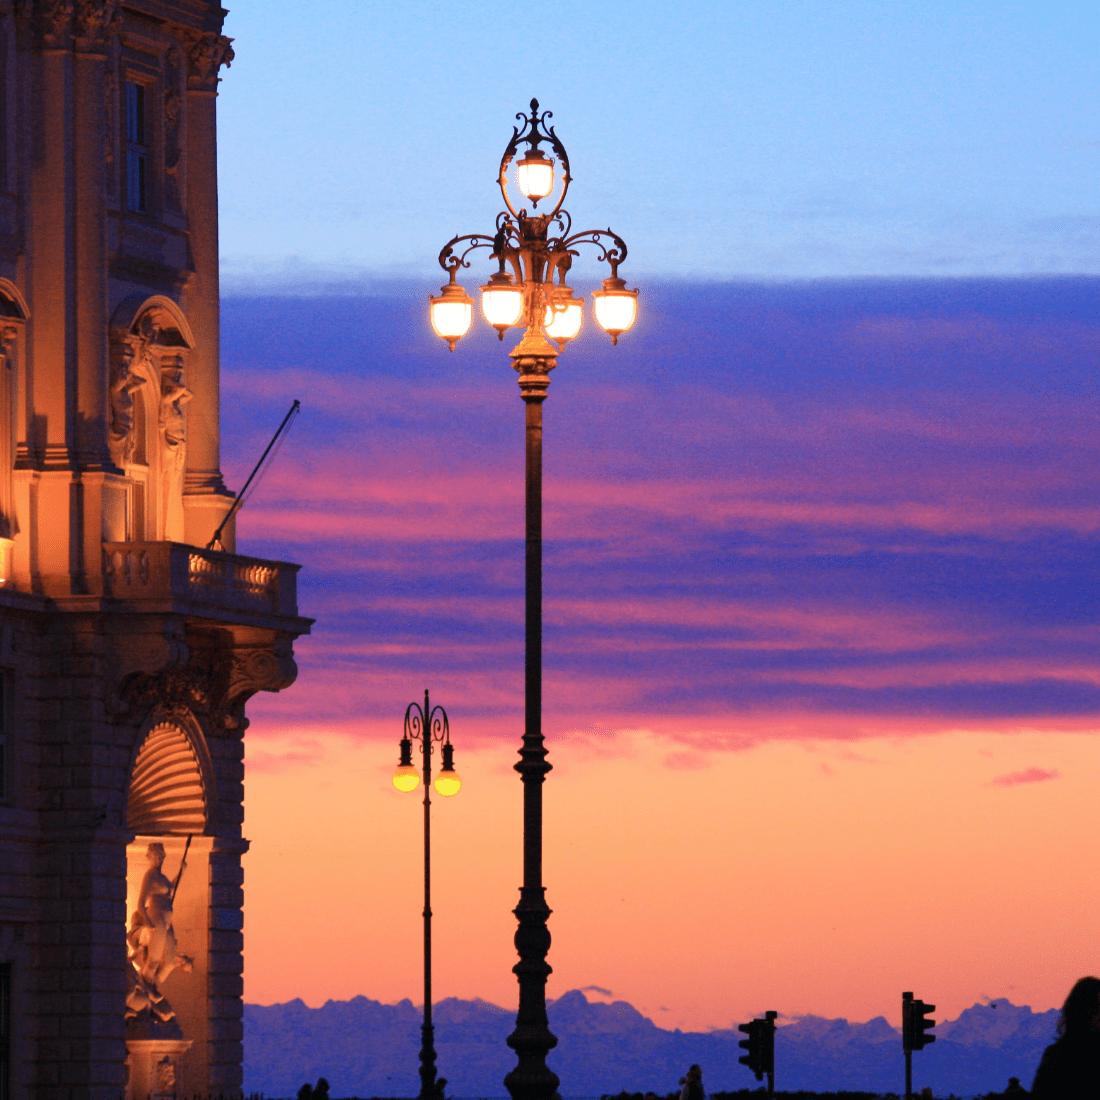 friuli venezia giulia